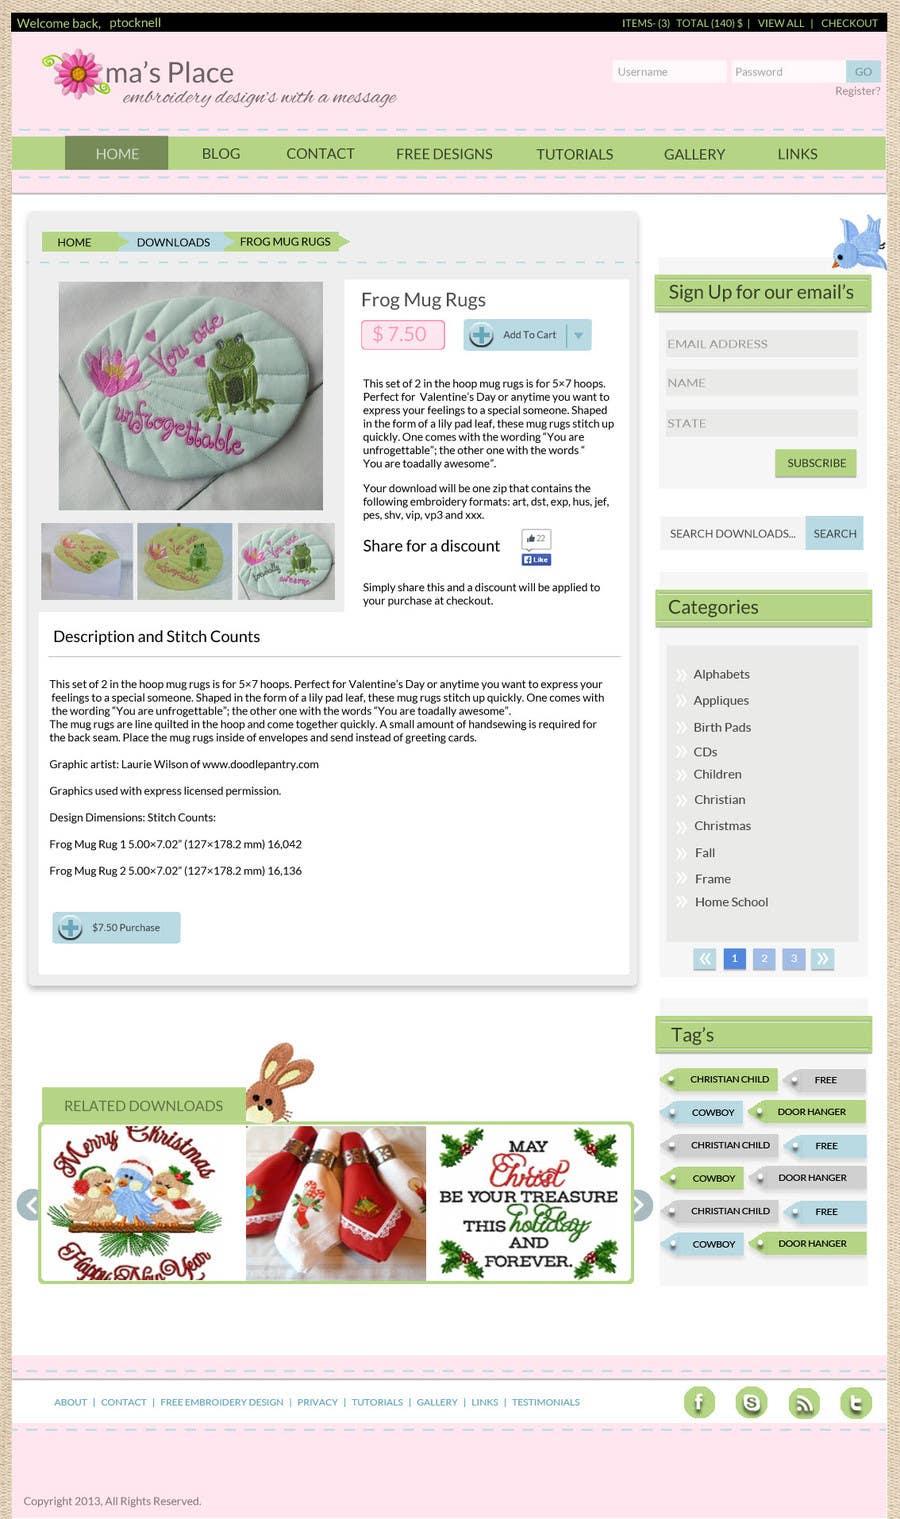 Kilpailutyö #26 kilpailussa Design a Website Mockup for Oma's Place.com